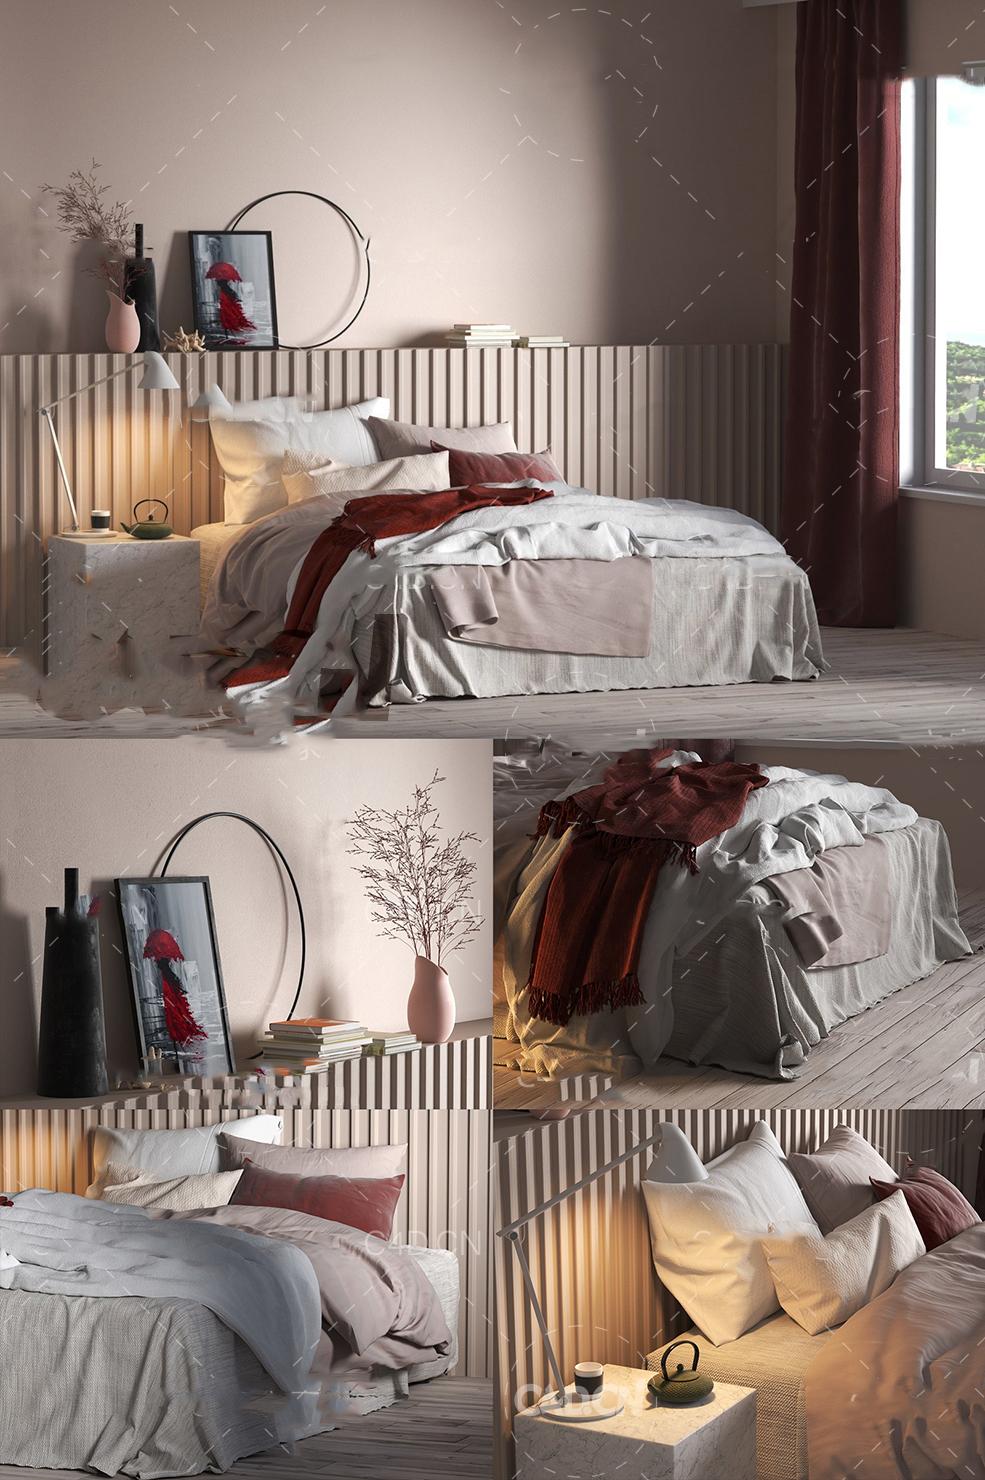 C4D VR MAX FBX OBJ小清新室内床上用品渲染房间卧室模型